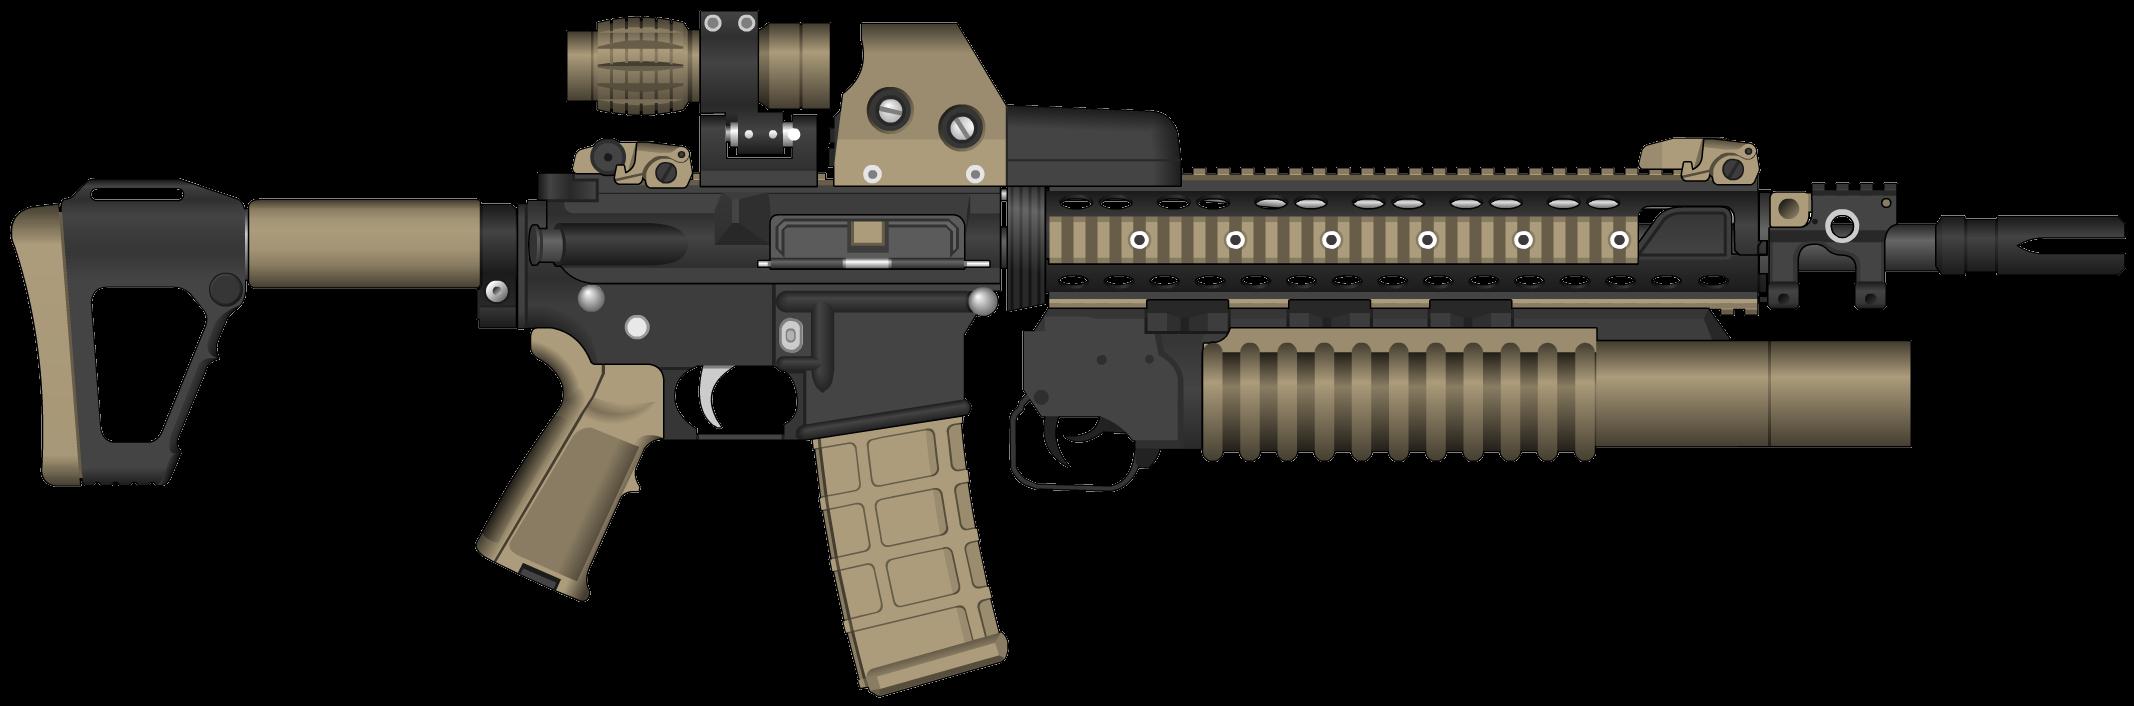 Assault Rifle PNG - 17693